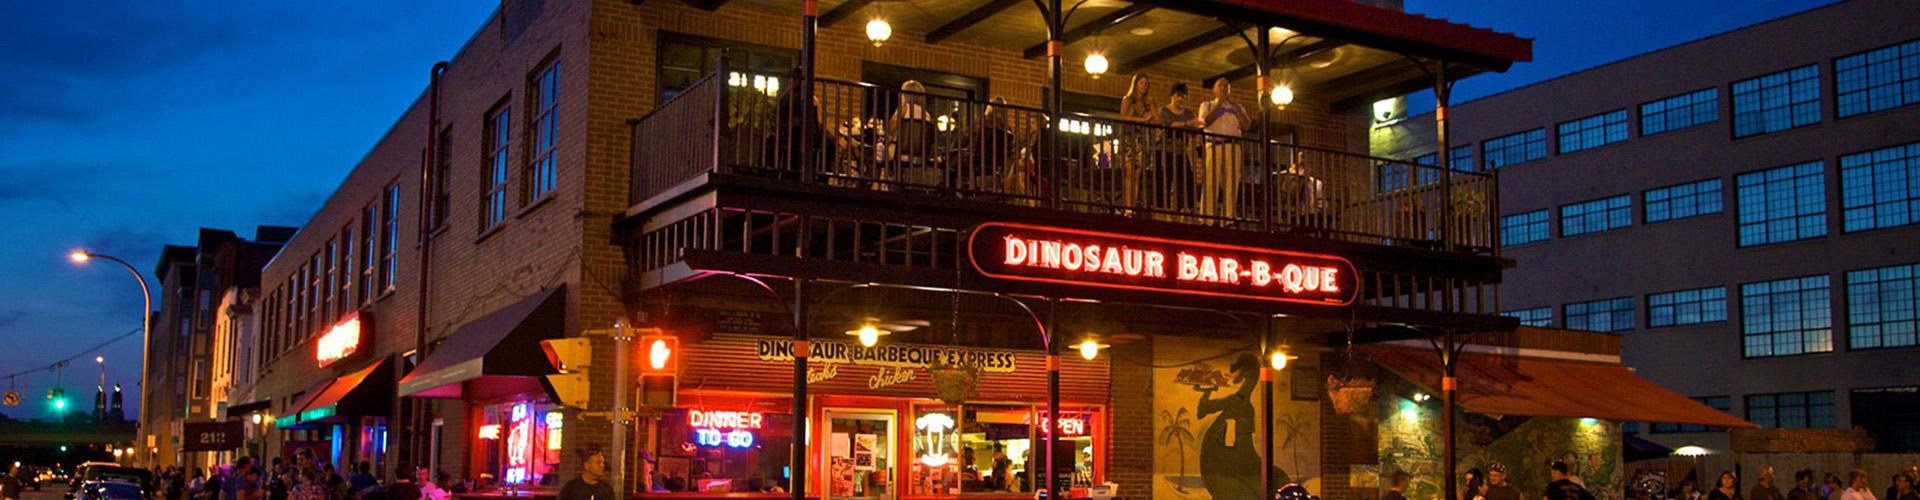 MCK Building Associates Dinosaur BBQ exterior